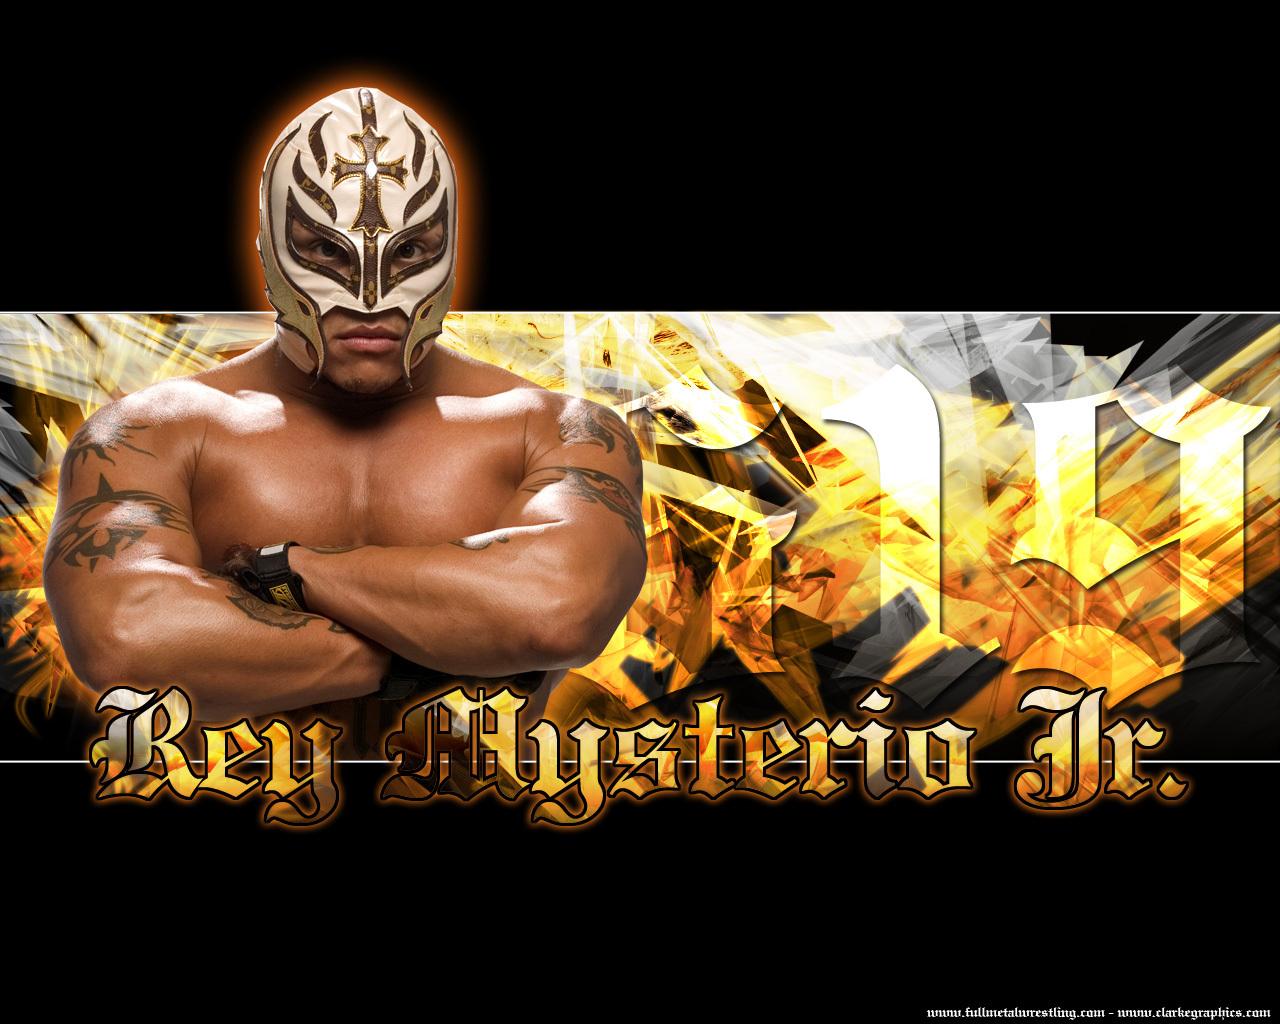 http://4.bp.blogspot.com/-T9qEUUiinXI/UBe_hDzrpQI/AAAAAAAAAt4/HCn-lYtZfF4/s1600/Rey-Mysterio-rey-mysterio-and-sin-cara-21036788-1280-1024.jpg